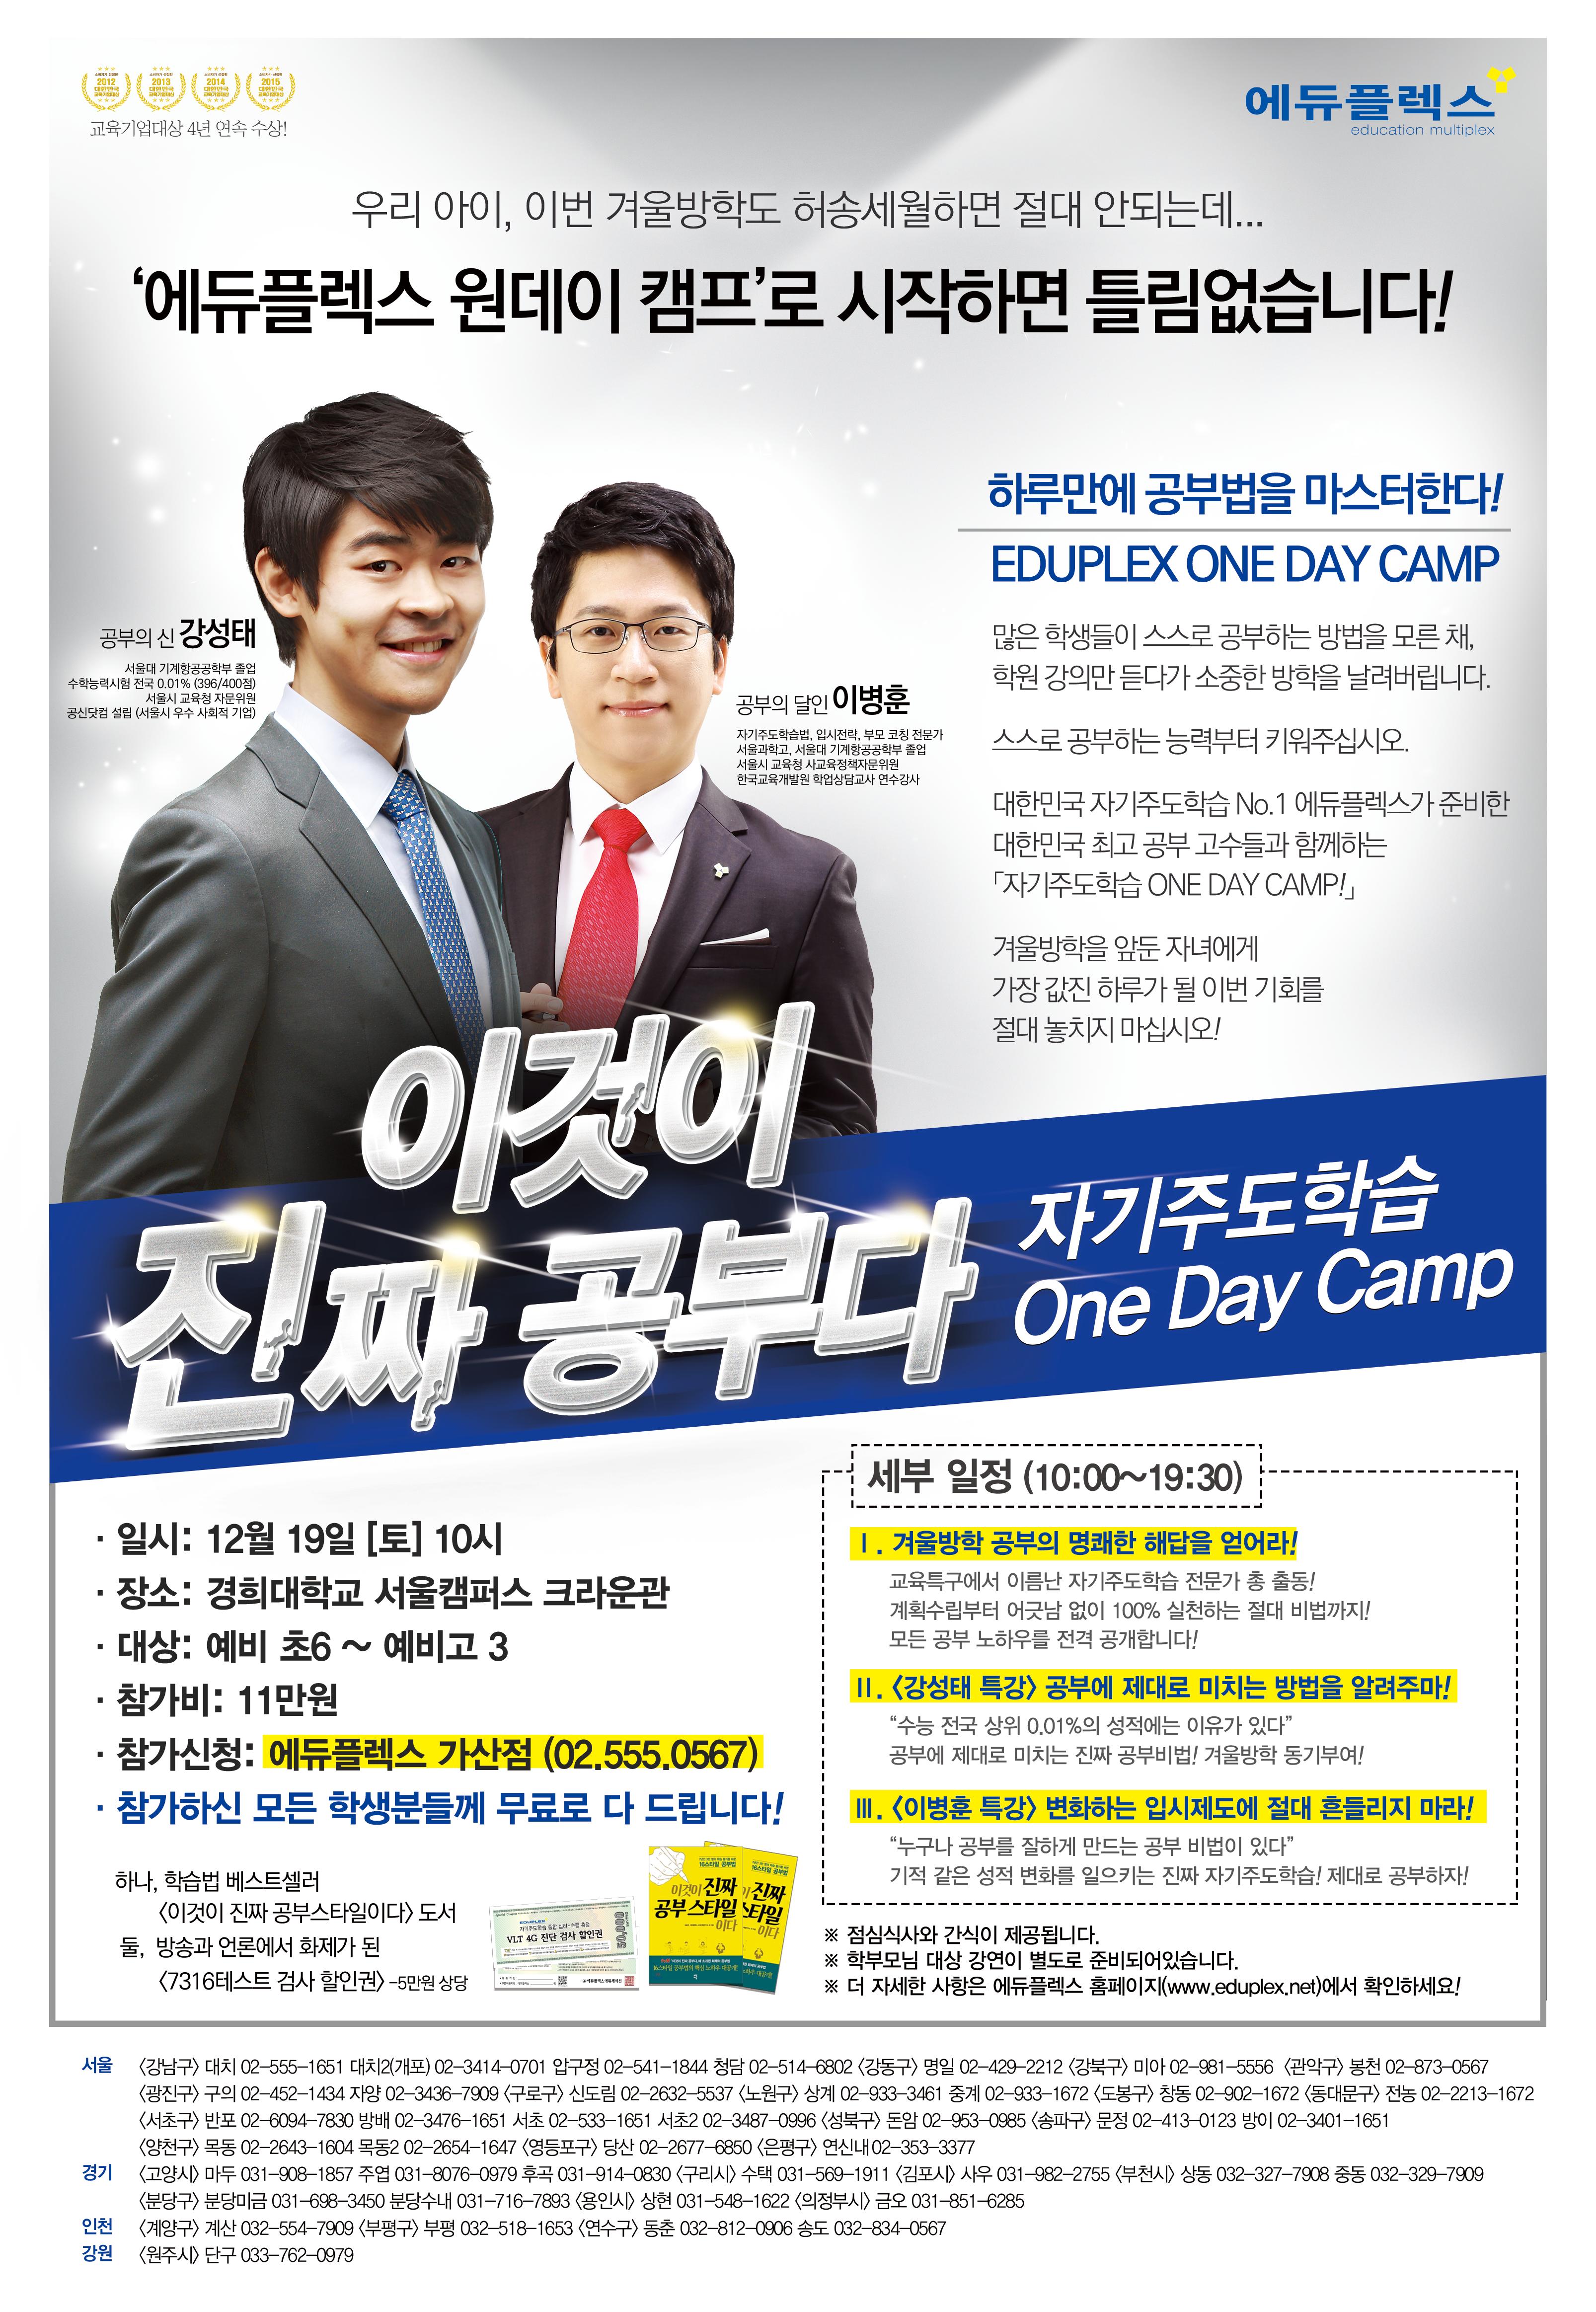 01. 원데이캠프-컨텐츠